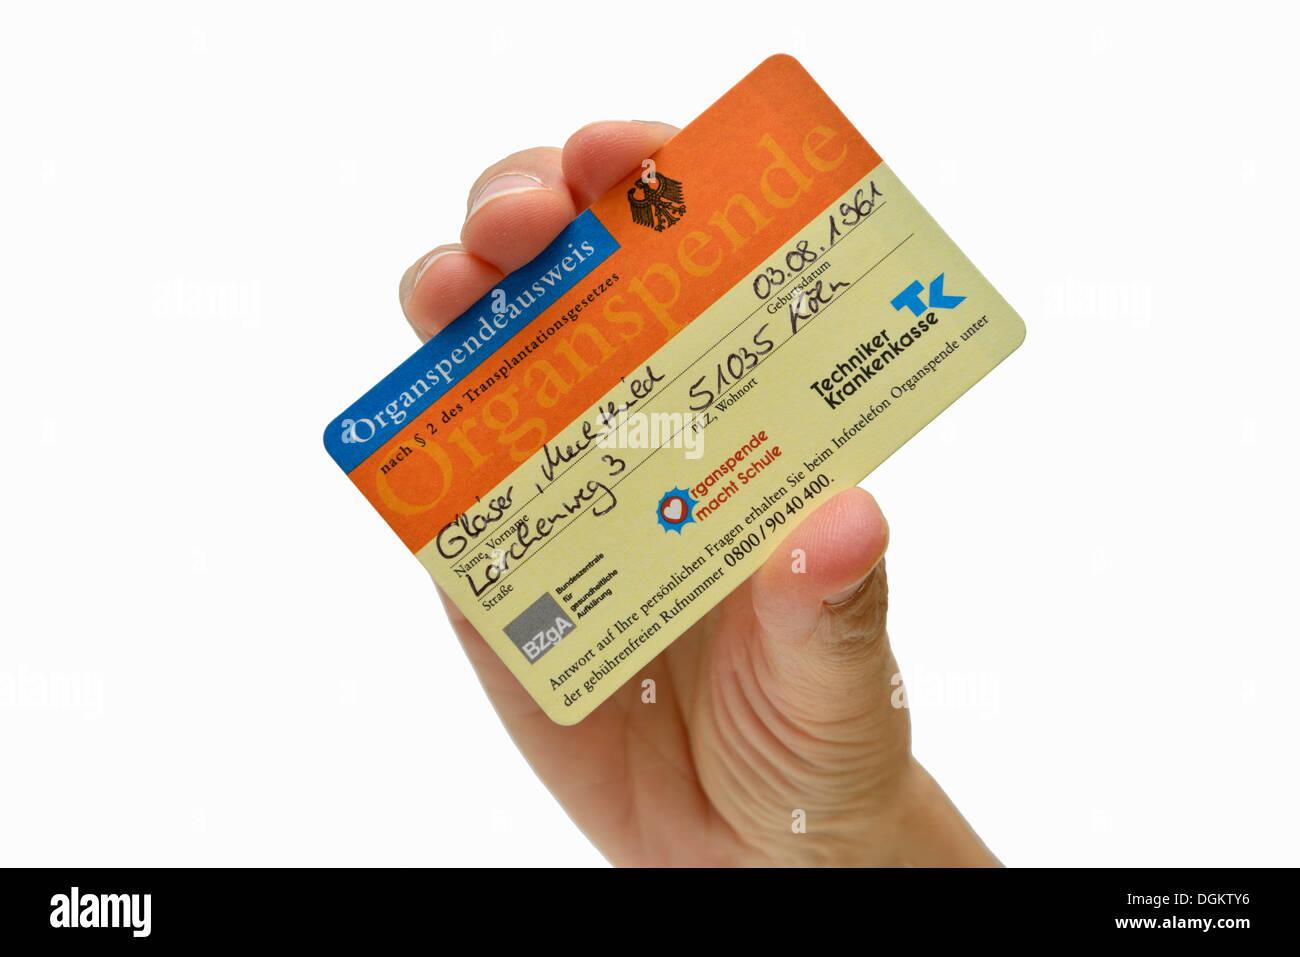 Mano sujetando un llenado de tarjeta de donante de órganos, datos ficticios Imagen De Stock